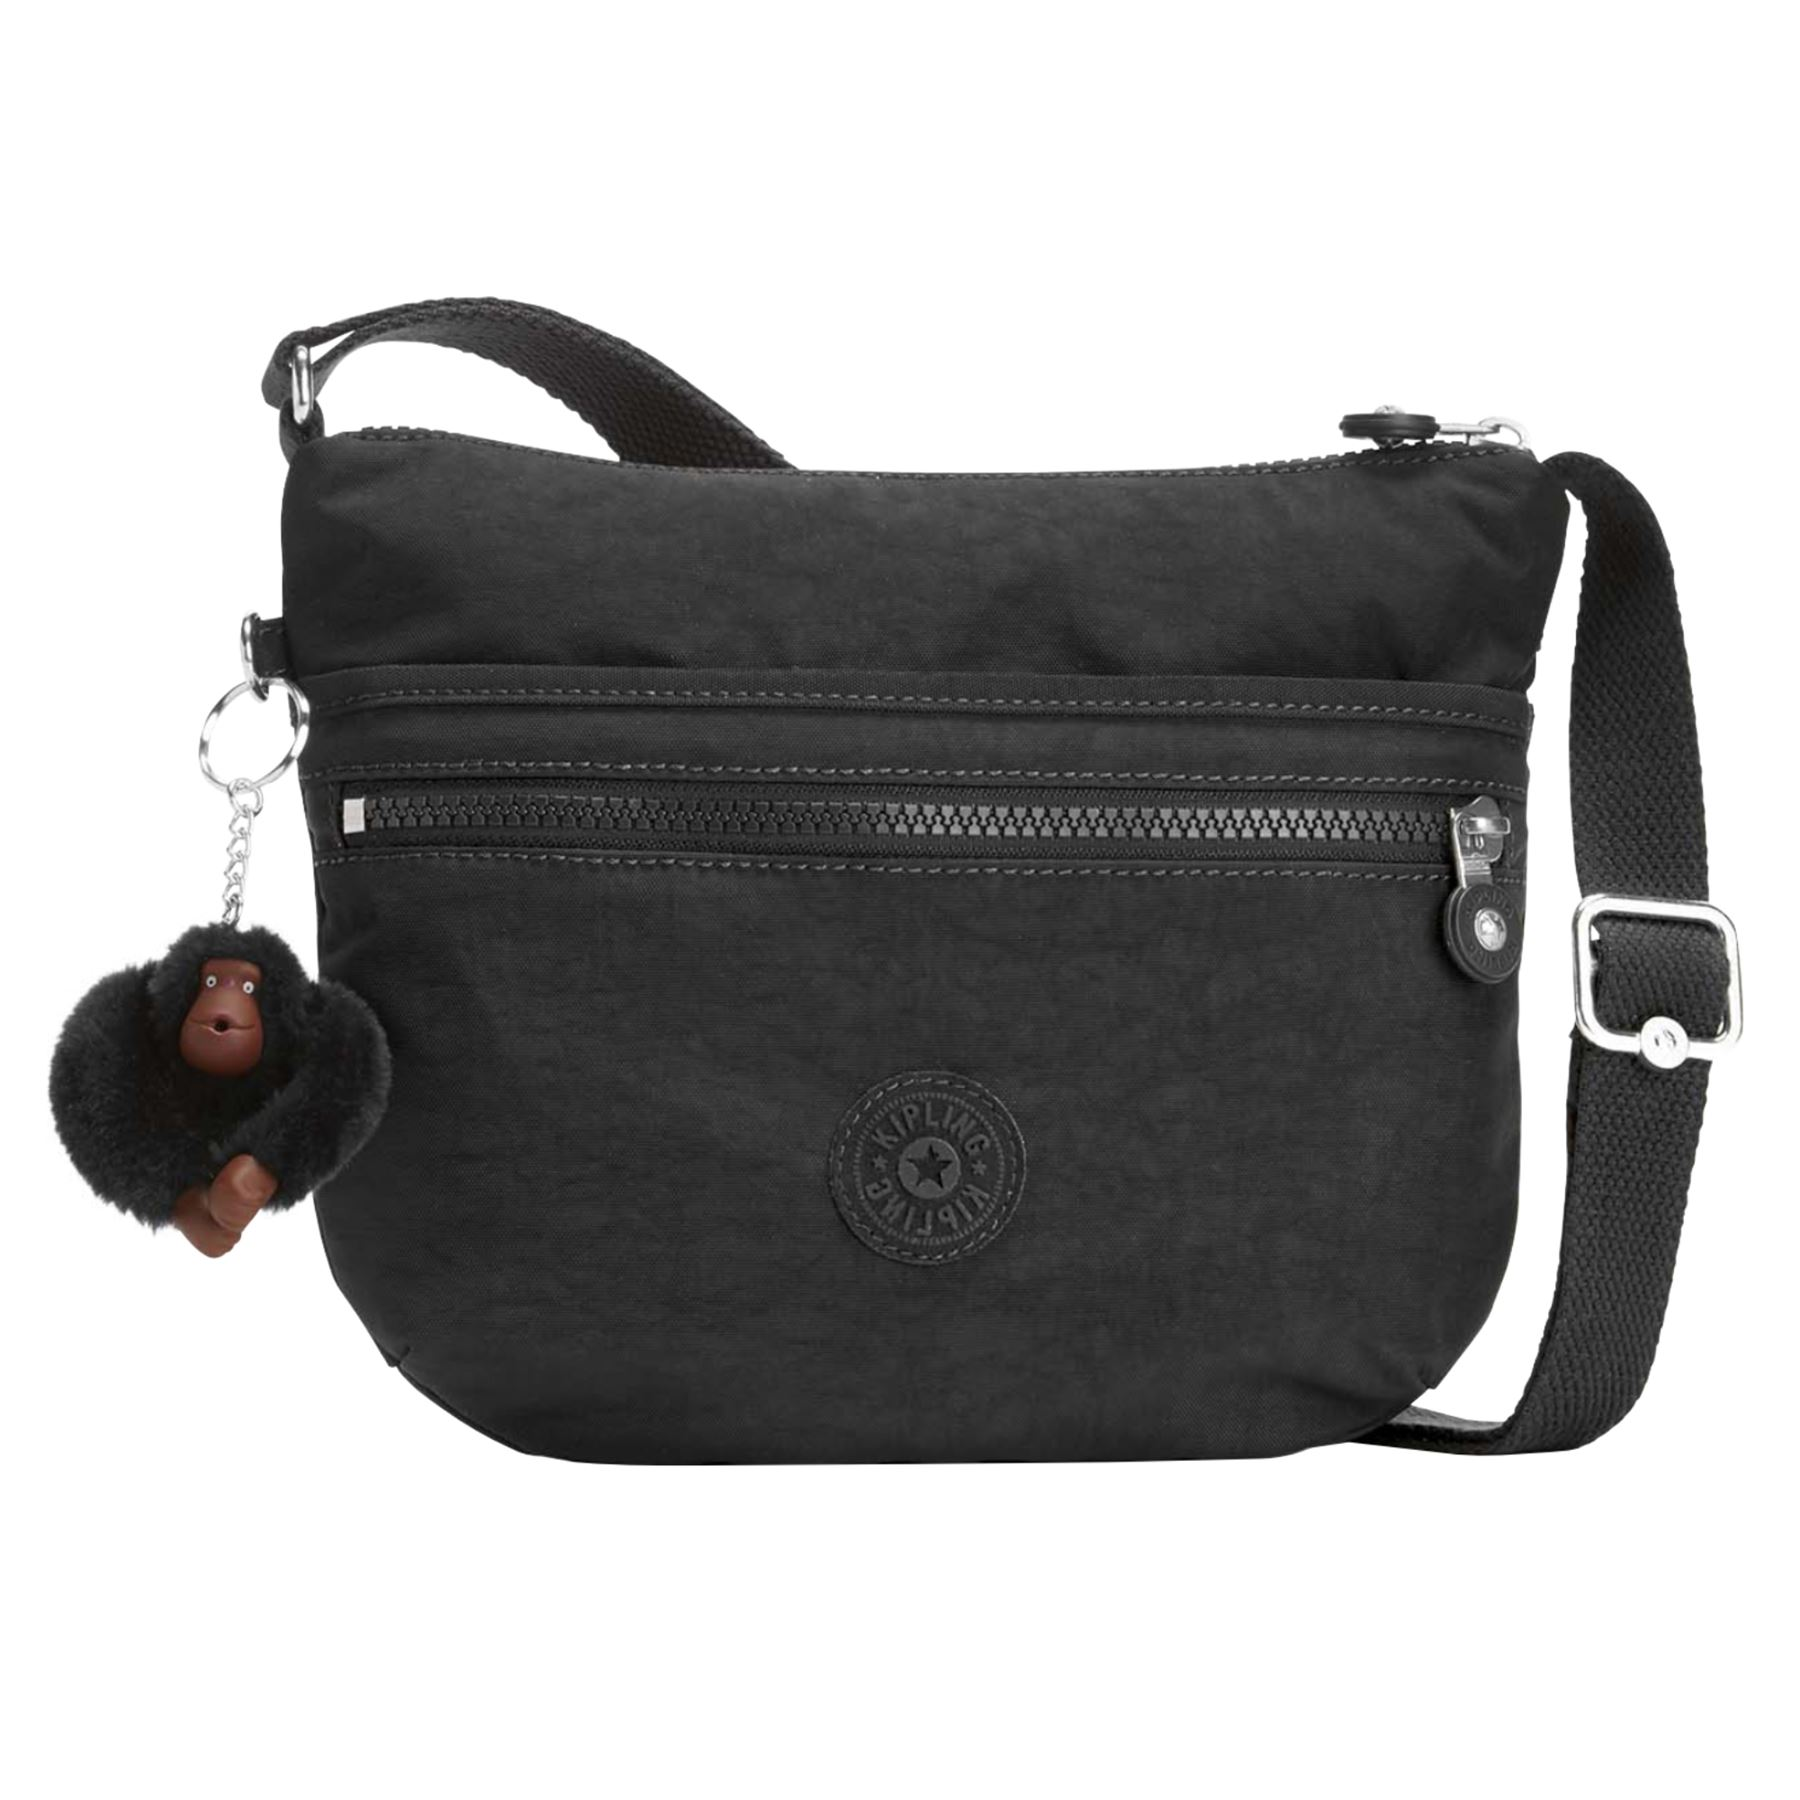 c904bc73f2767 Kipling Arto S Small Ladies   Womens Everyday Handbag NEW 2019 Colours.